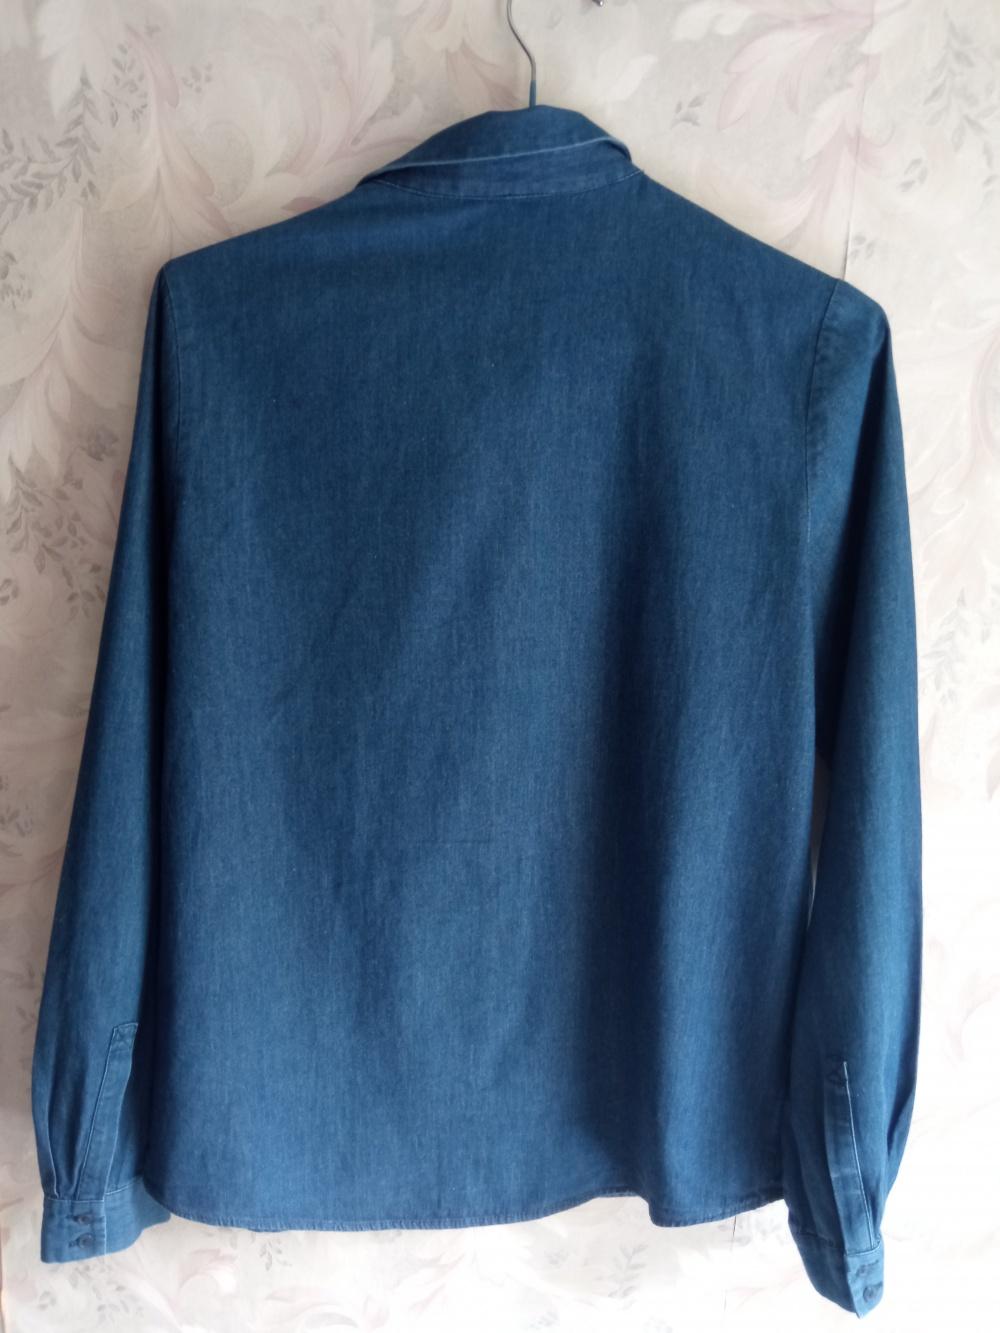 Джинсовая рубашка Cos размер 36